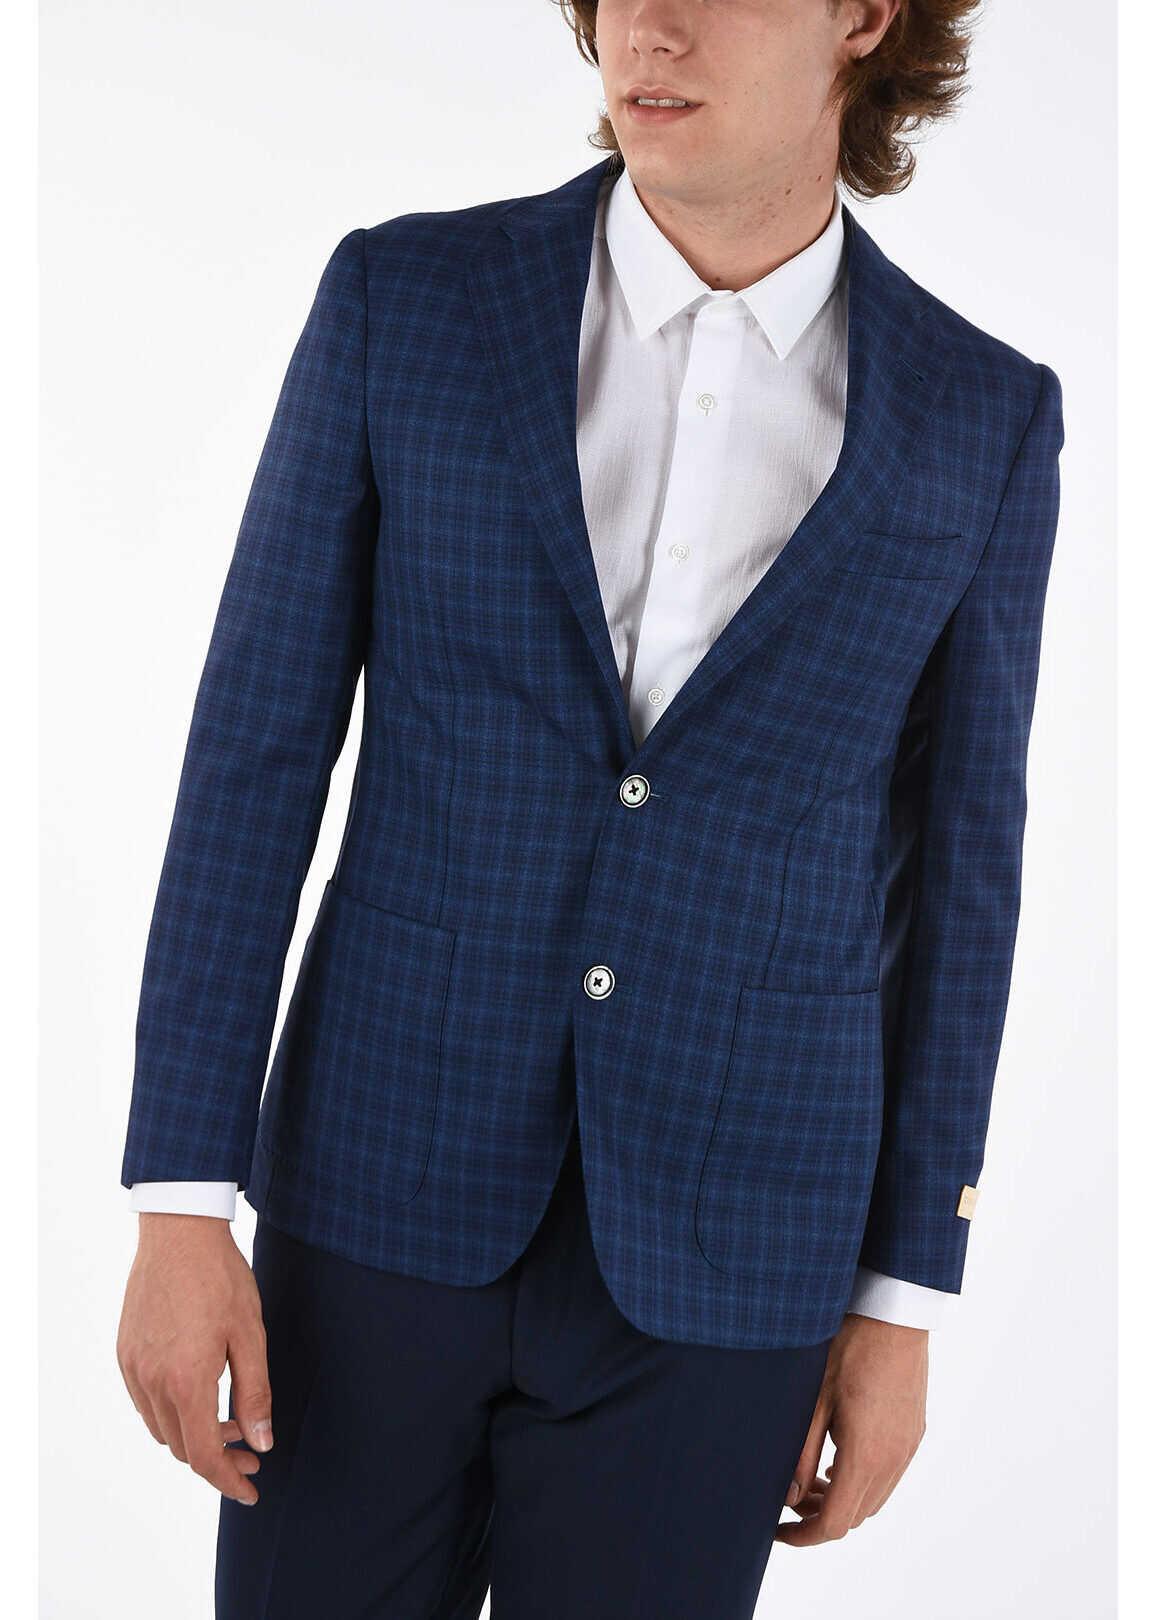 CORNELIANI district check super 130's EASY 2-button blazer BLUE imagine